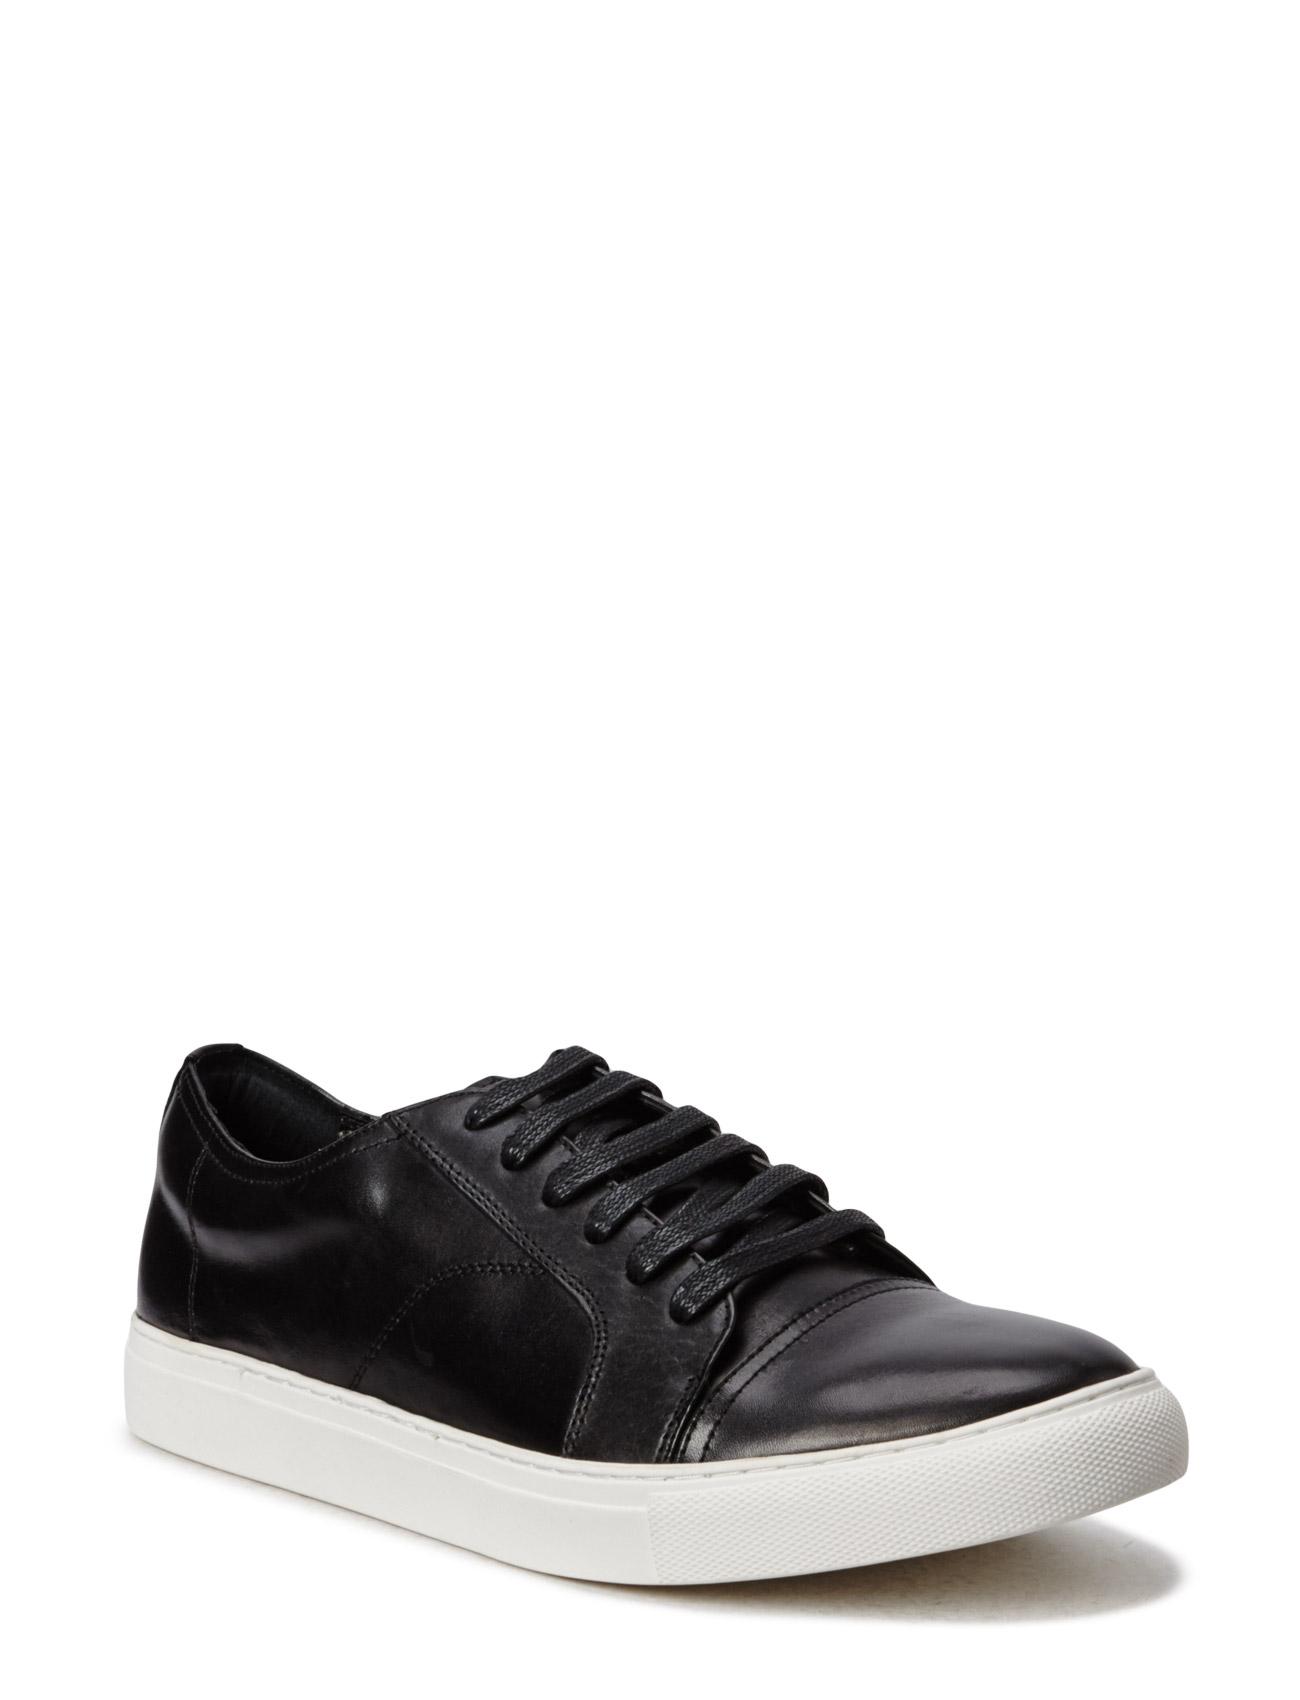 Leather Trainer Matinique Sneakers til Herrer i Sort